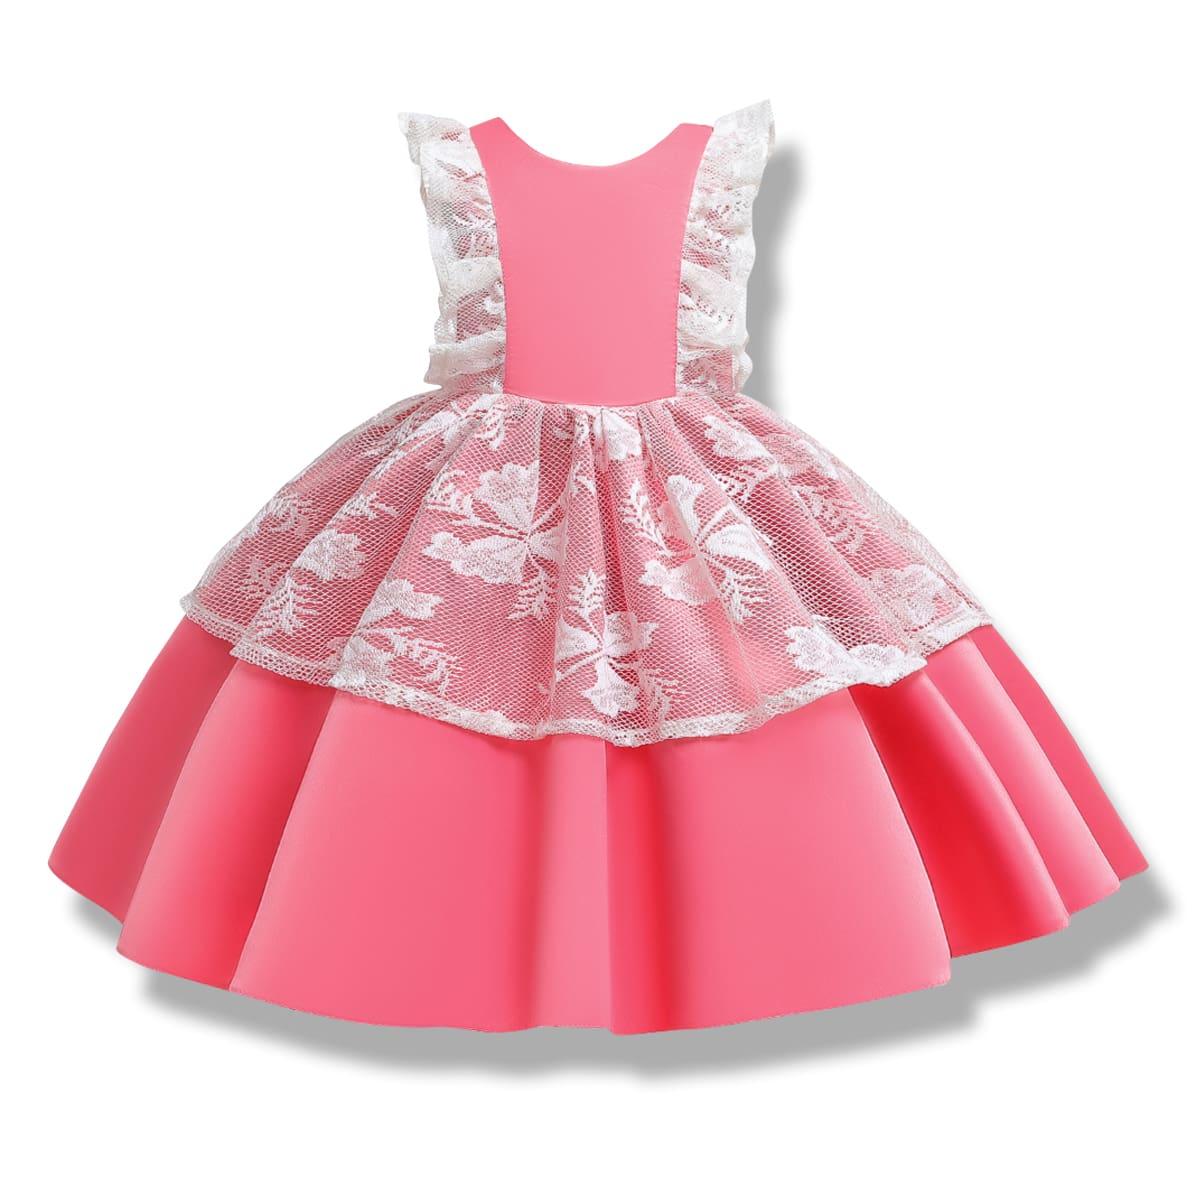 С бантом контрастный цвет очаровательный нарядное платье для маленьких девочек